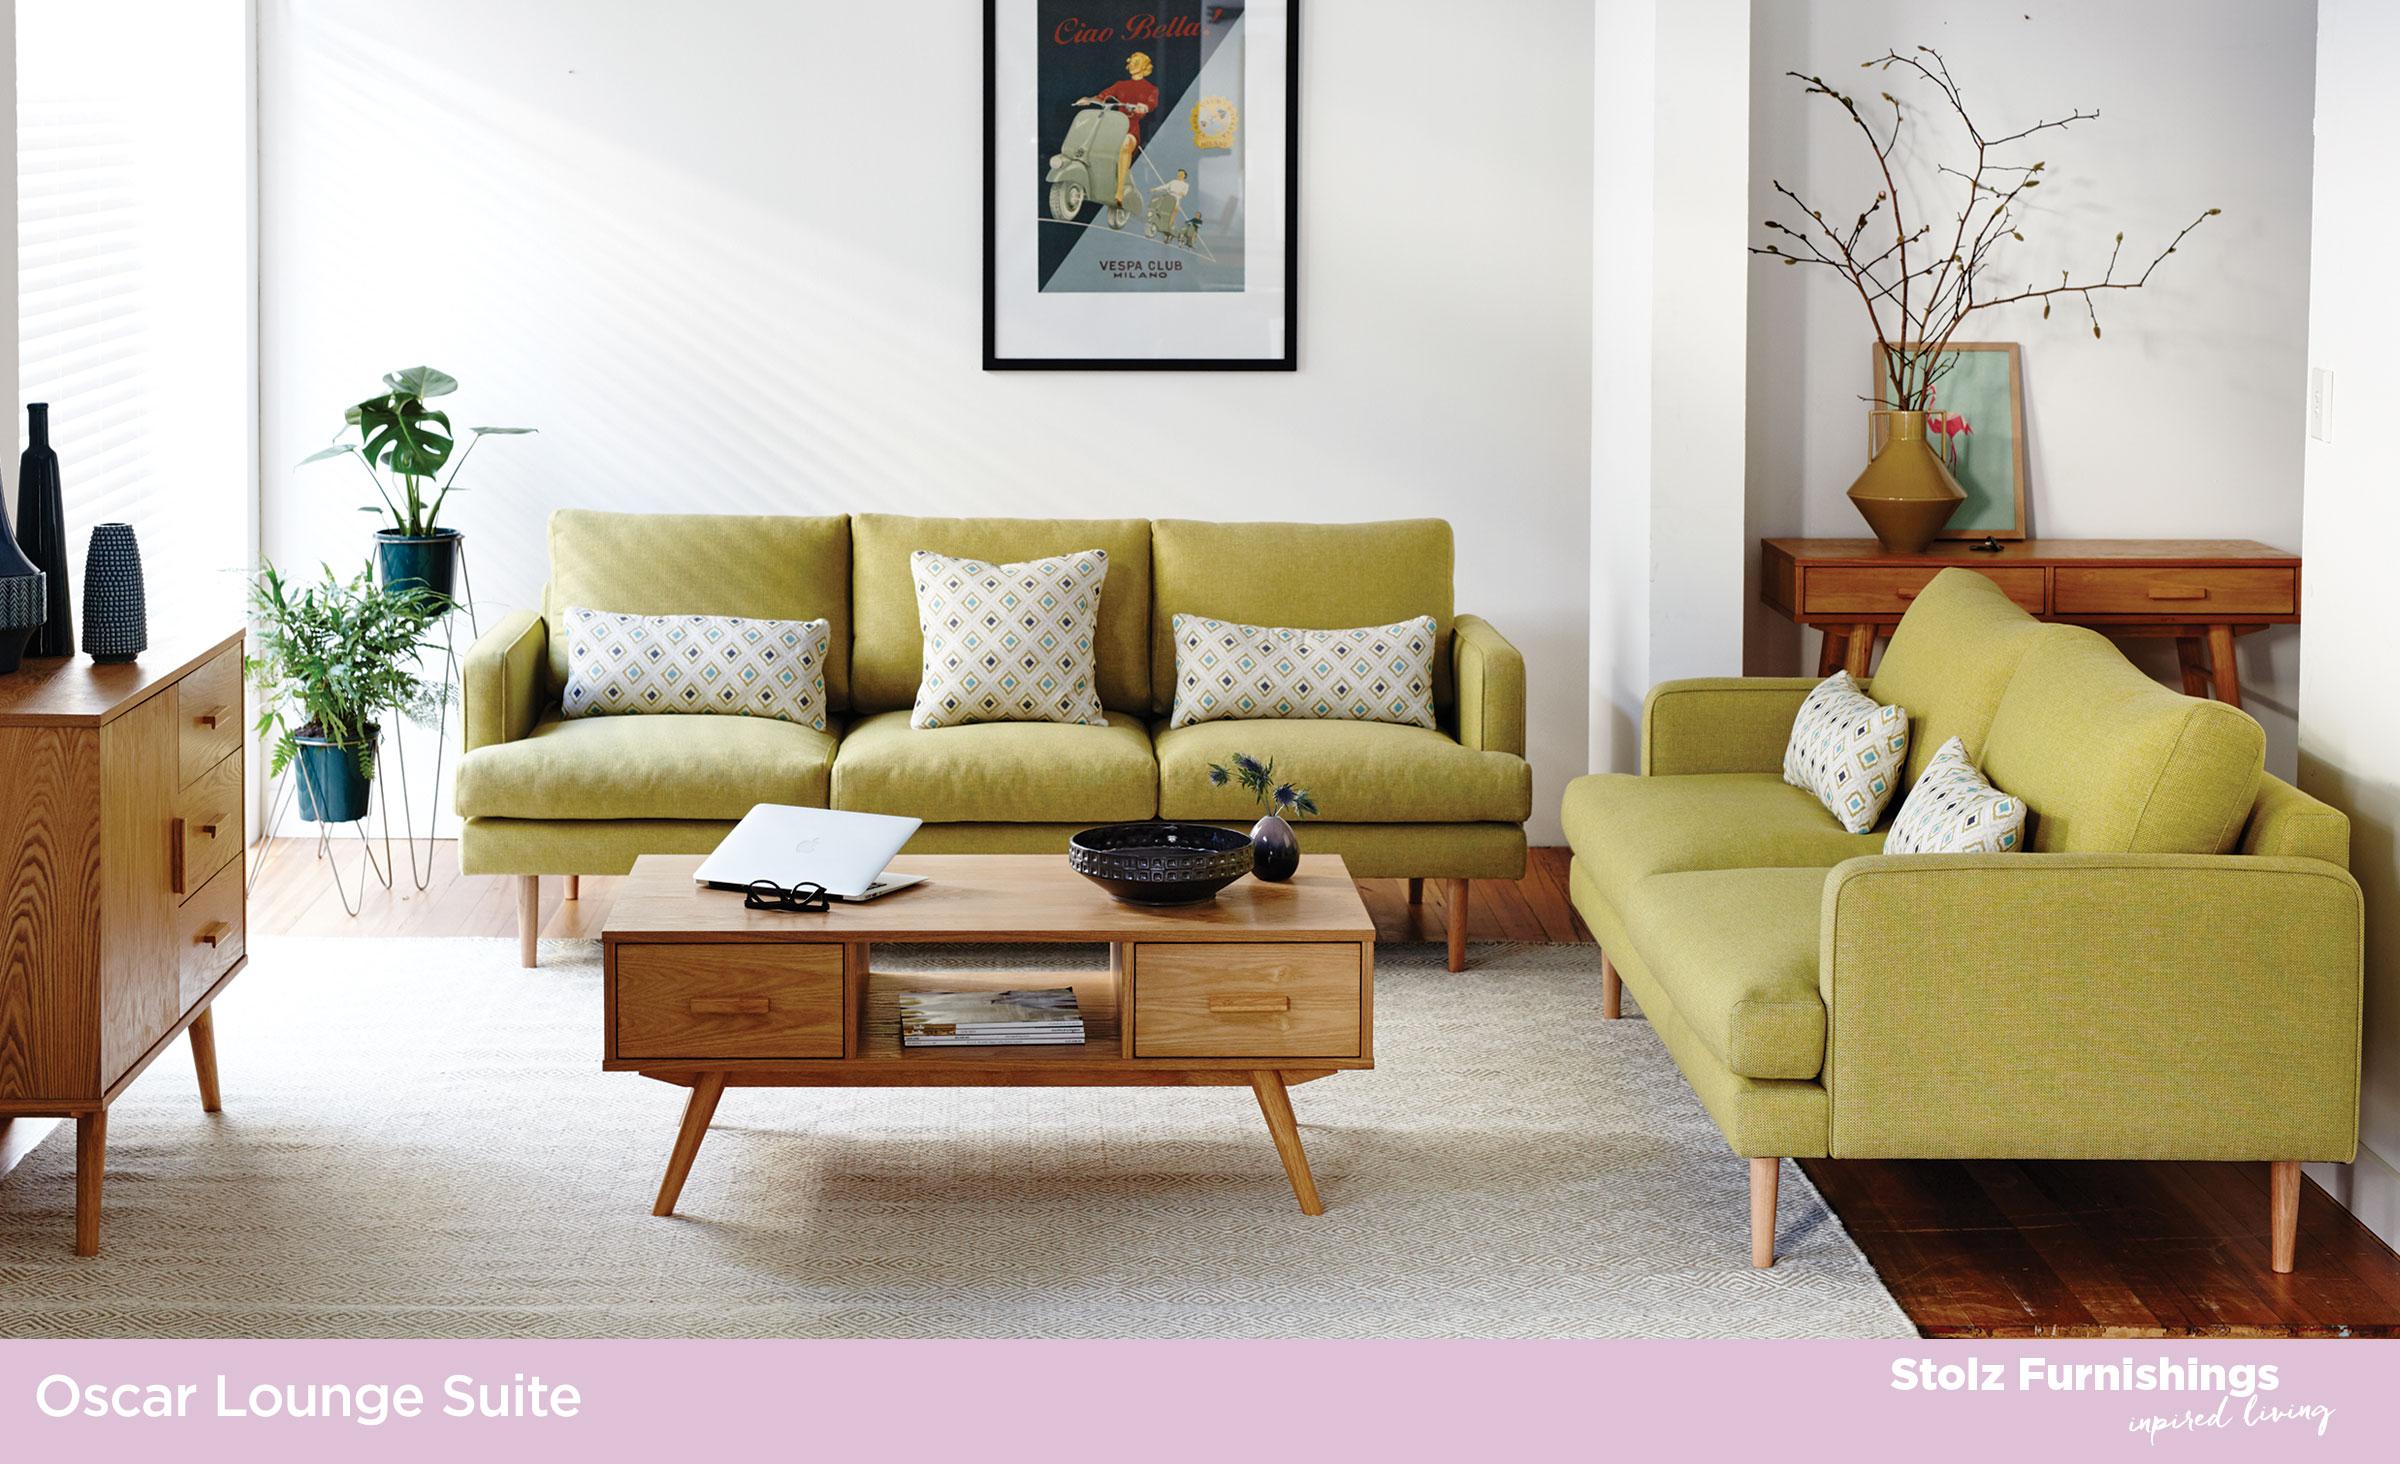 Oscar Lounge Suite